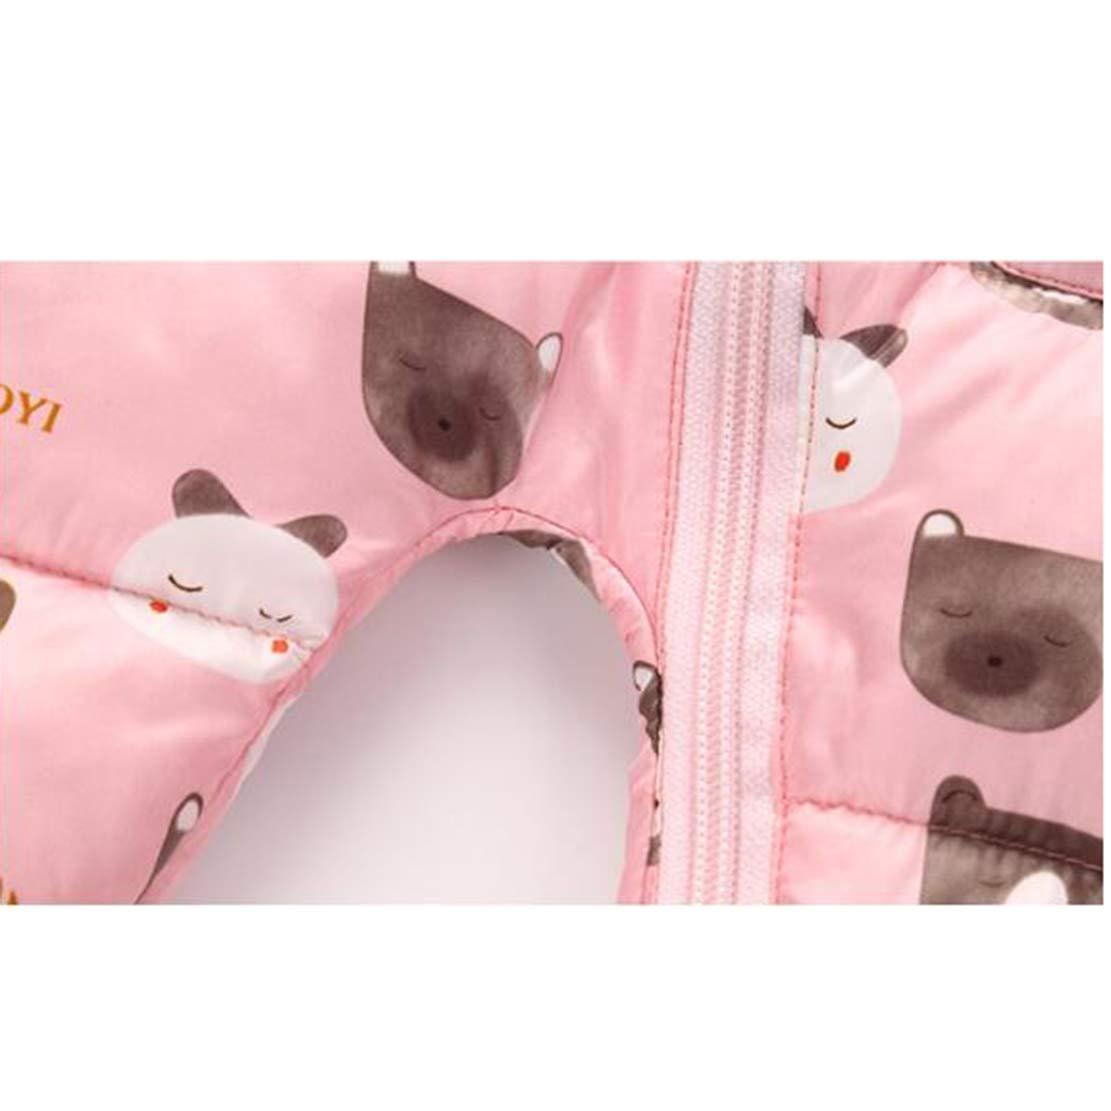 Color : 20 cm Set di Vetro Paglia Set Cancella Boba Perle Cannucce for Bubble Tea Smoothie Ampia Cannuccia con Il Caso Strumenti Bar SASCD 6pcs